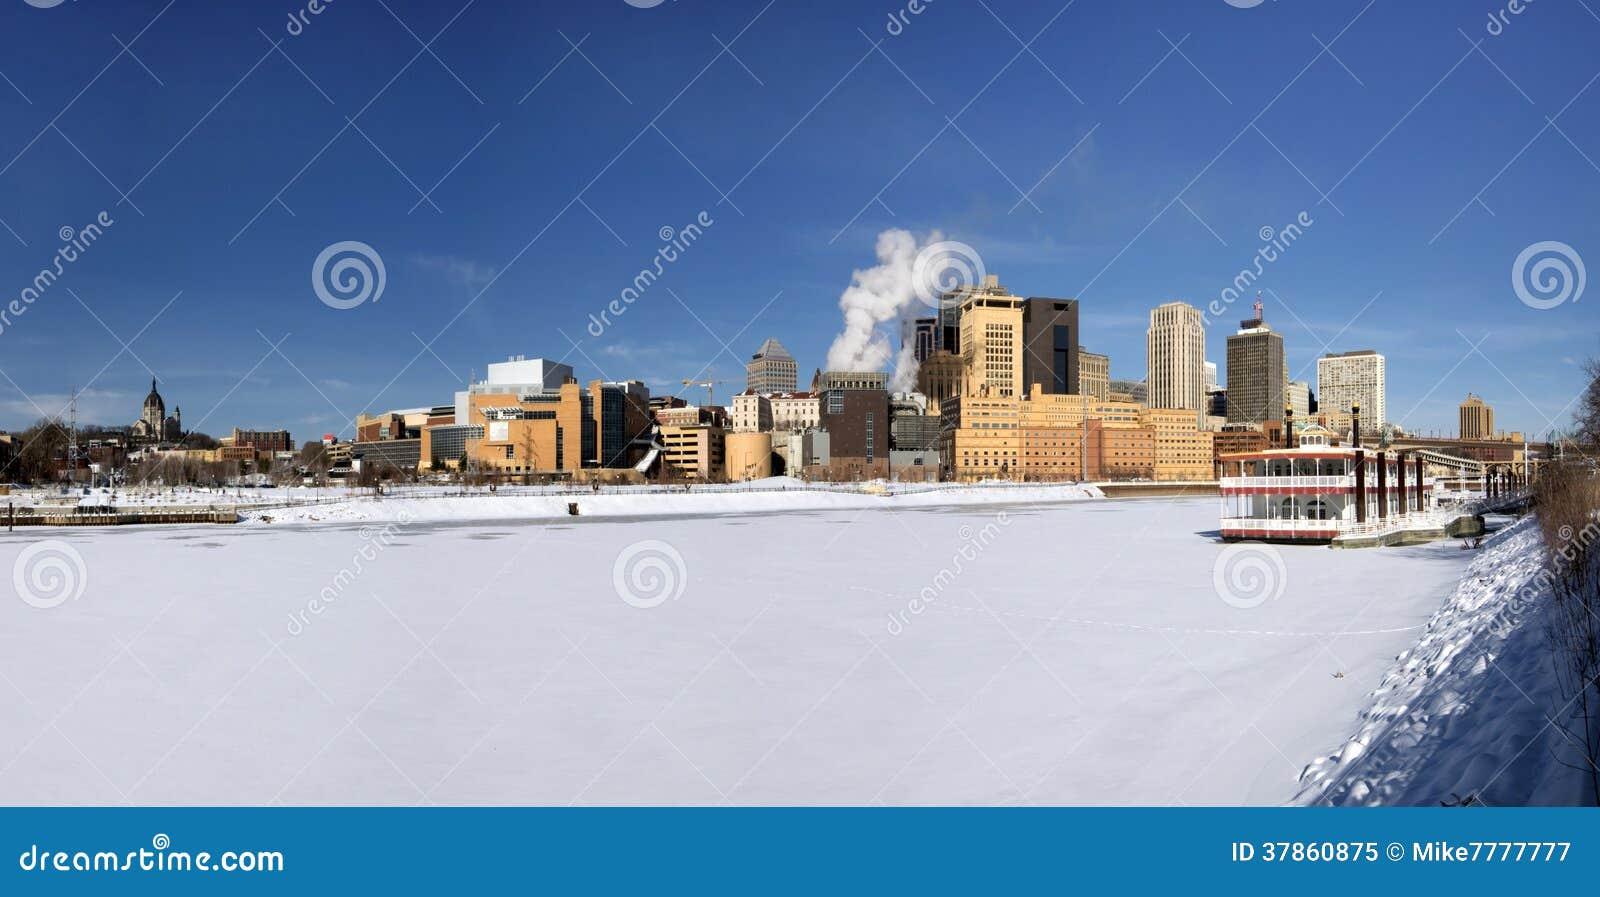 Καλυμμένο πάγος ποτάμι Μισισιπή με τον ορίζοντα του Saint-Paul, Μινεσότα, ΗΠΑ